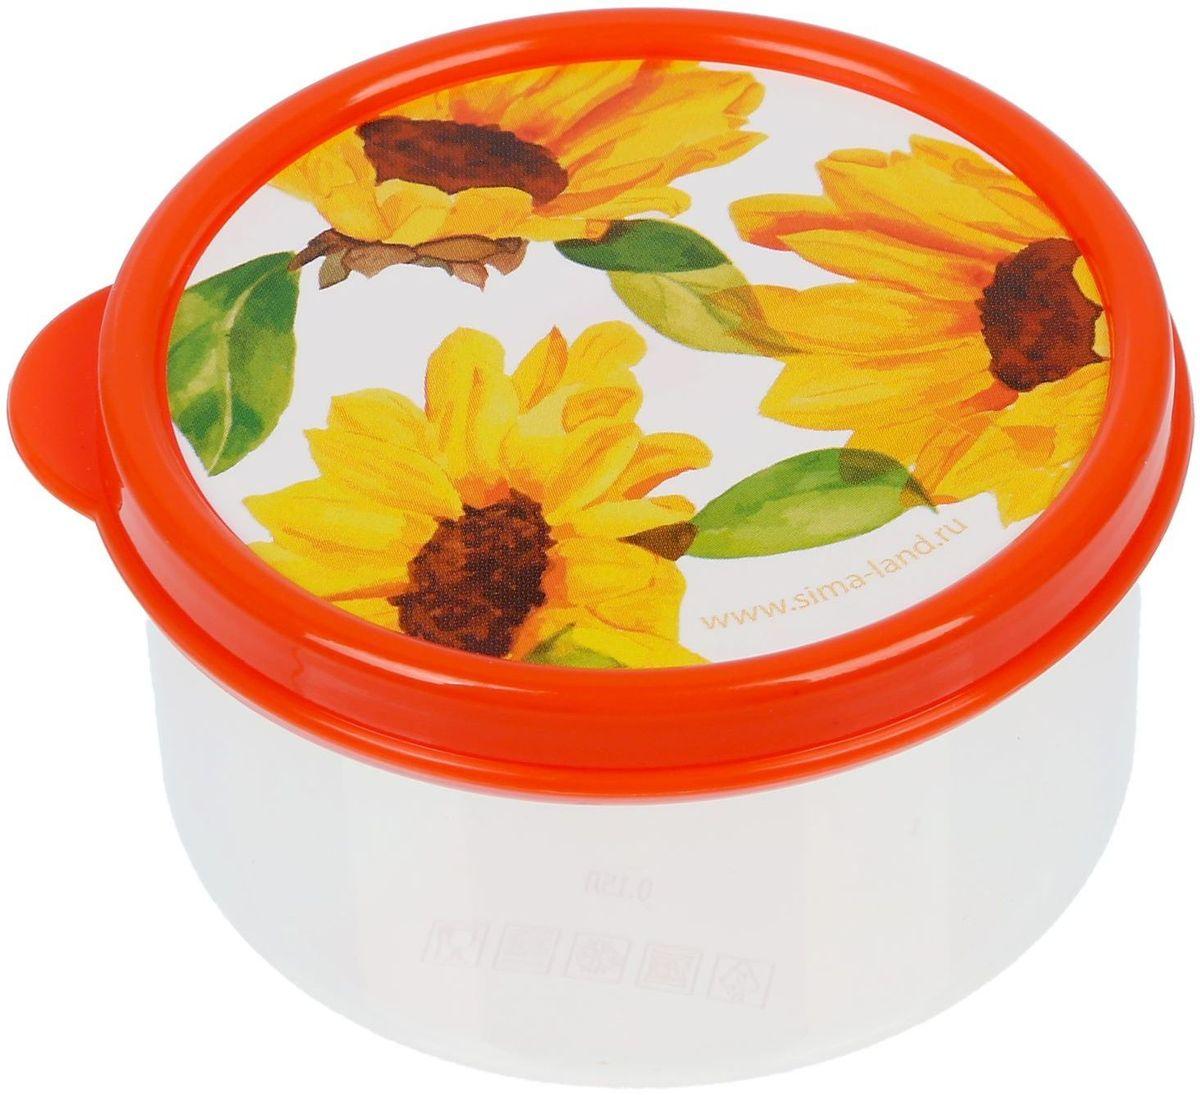 Ланч-бокс Доляна №5, круглый, 150 млVT-1520(SR)Если после вкусного обеда осталась еда, а насладиться трапезой хочется и на следующий день, ланч-бокс станет отличным решением данной проблемы!Такой контейнер является незаменимым предметом кухонной утвари, ведь у него много преимуществ:Простота ухода. Ланч-бокс достаточно промыть тёплой водой с небольшим количеством чистящего средства, и он снова готов к использованию.Вместительность. Большой выбор форм и объёма поможет разместить разнообразные продукты от сахара до супов.Эргономичность. Ланч-боксы очень легко хранить даже в самой маленькой кухне, так как их можно поставить один в другой по принципу матрёшки.Многофункциональность. Разнообразие цветов и форм делает возможным использование контейнеров не только на кухне, но и в других областях домашнего быта.Любители приготовления обеда на всю семью в большинстве случаев приобретают ланч-боксы наборами, так как это позволяет рассортировать продукты по всевозможным признакам. К тому же контейнеры среднего размера станут незаменимыми помощниками на работе: ведь что может быть приятнее, чем порадовать себя во время обеда прекрасной едой, заботливо сохранённой в контейнере?В качестве материала для изготовления используется пластик, что делает процесс ухода за контейнером ещё более эффективным. К каждому ланч-боксу в комплекте также прилагается крышка подходящего размера, это позволяет плотно и надёжно удерживать запах еды и упрощает процесс транспортировки.Однако рекомендуется соблюдать и меры предосторожности: не использовать пластиковые контейнеры в духовых шкафах и на открытом огне, а также не разогревать в микроволновых печах при закрытой крышке ланч-бокса. Соблюдение мер безопасности позволит продлить срок эксплуатации и сохранить отличный внешний вид изделия.Эргономичный дизайн и многофункциональность таких контейнеров — вот, что является причиной большой популярности данного предмета у каждой хозяйки. А в преддверии лета и дачного сезона такое приобретение позволит по